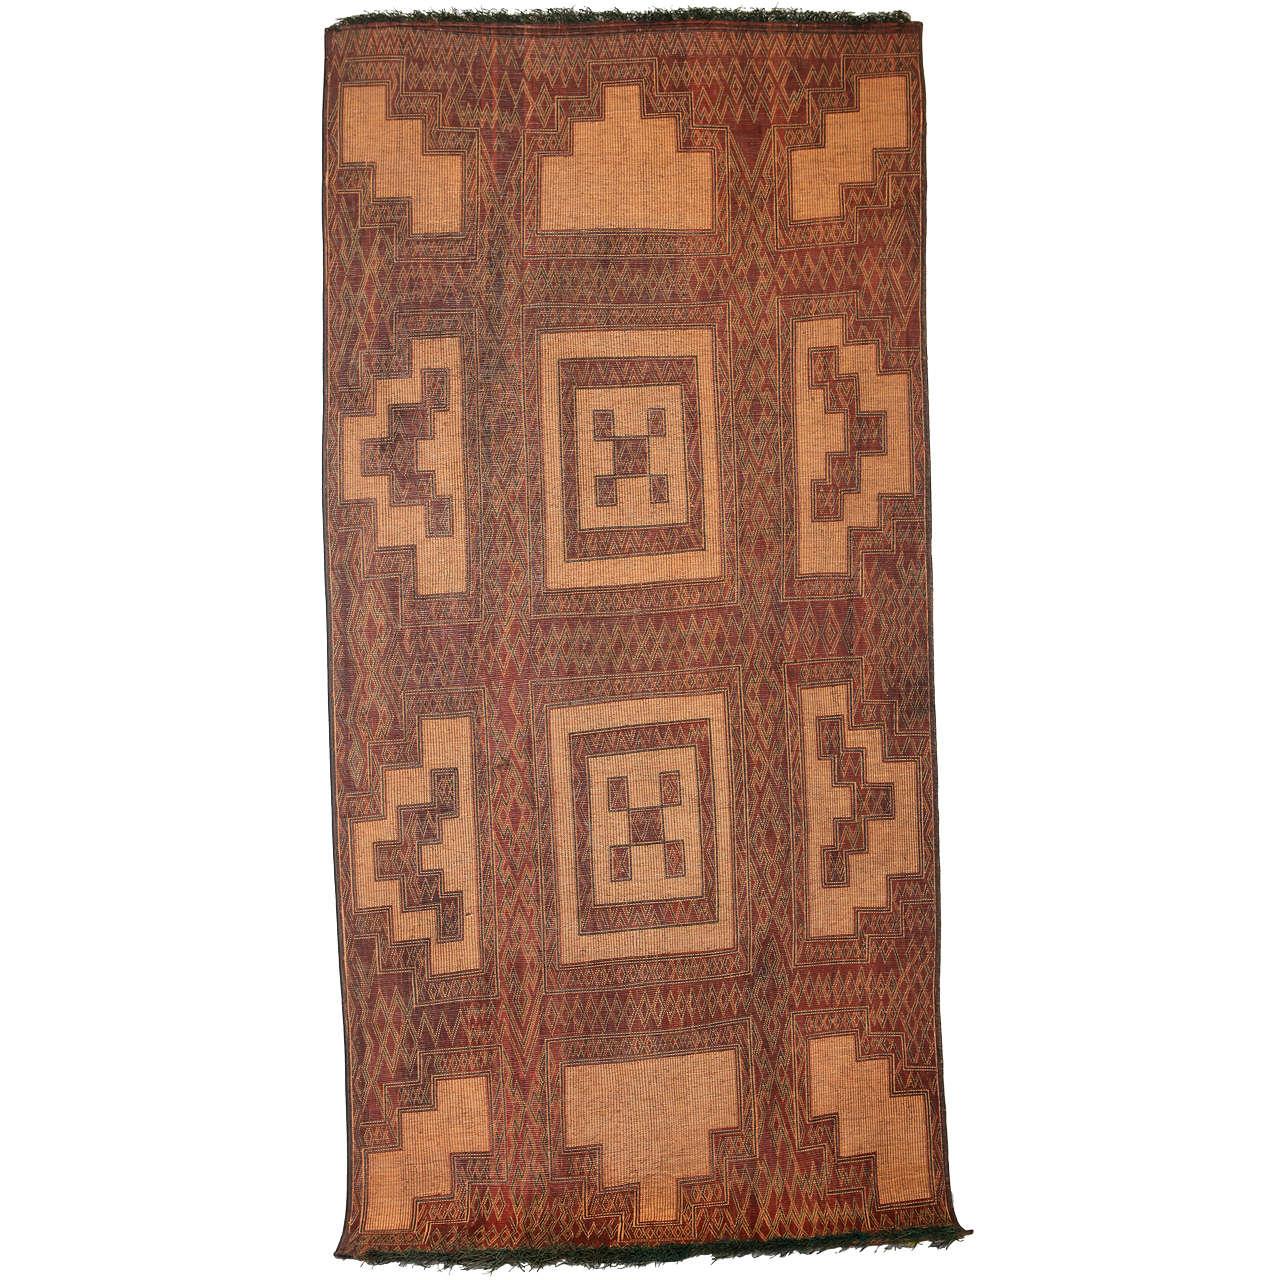 Vintage Saharan Tuareg Reed and Leather Rug, 1930's